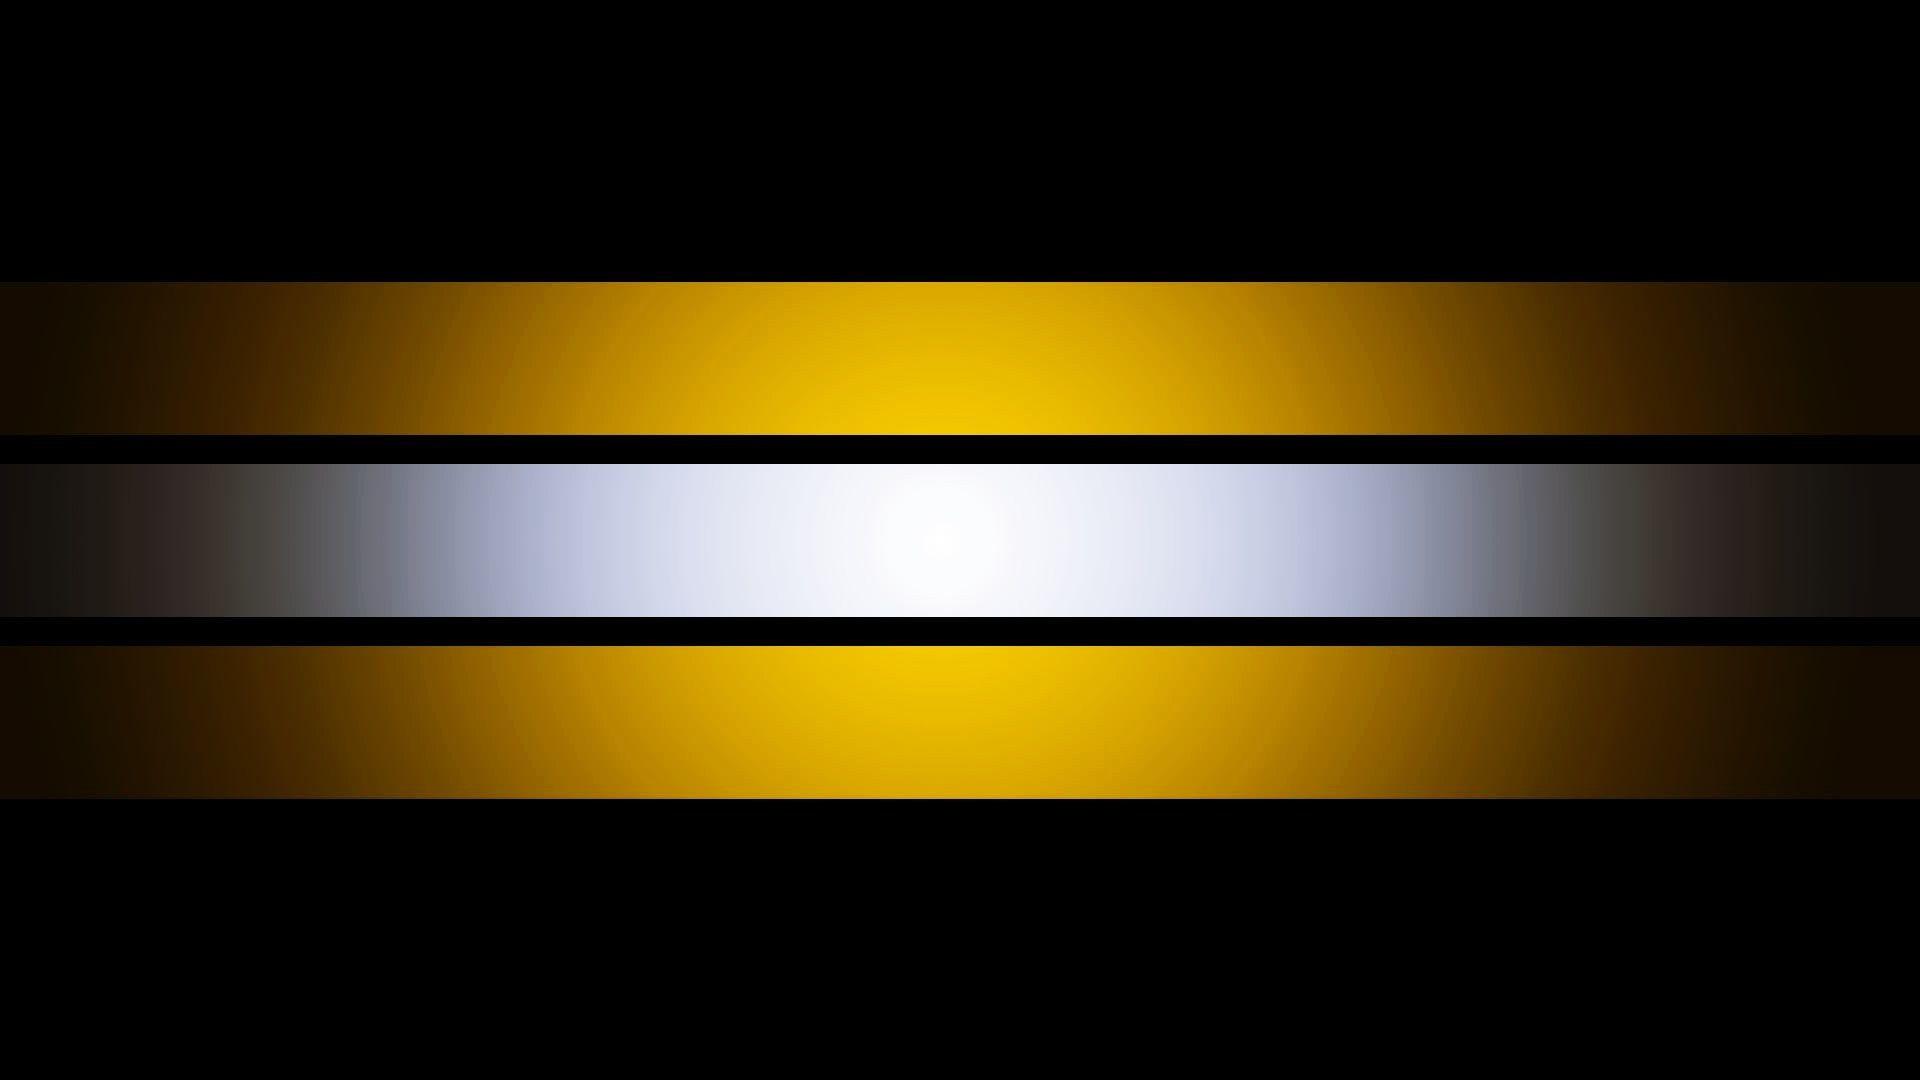 Yellow, White, Black Stripes Wallpaper